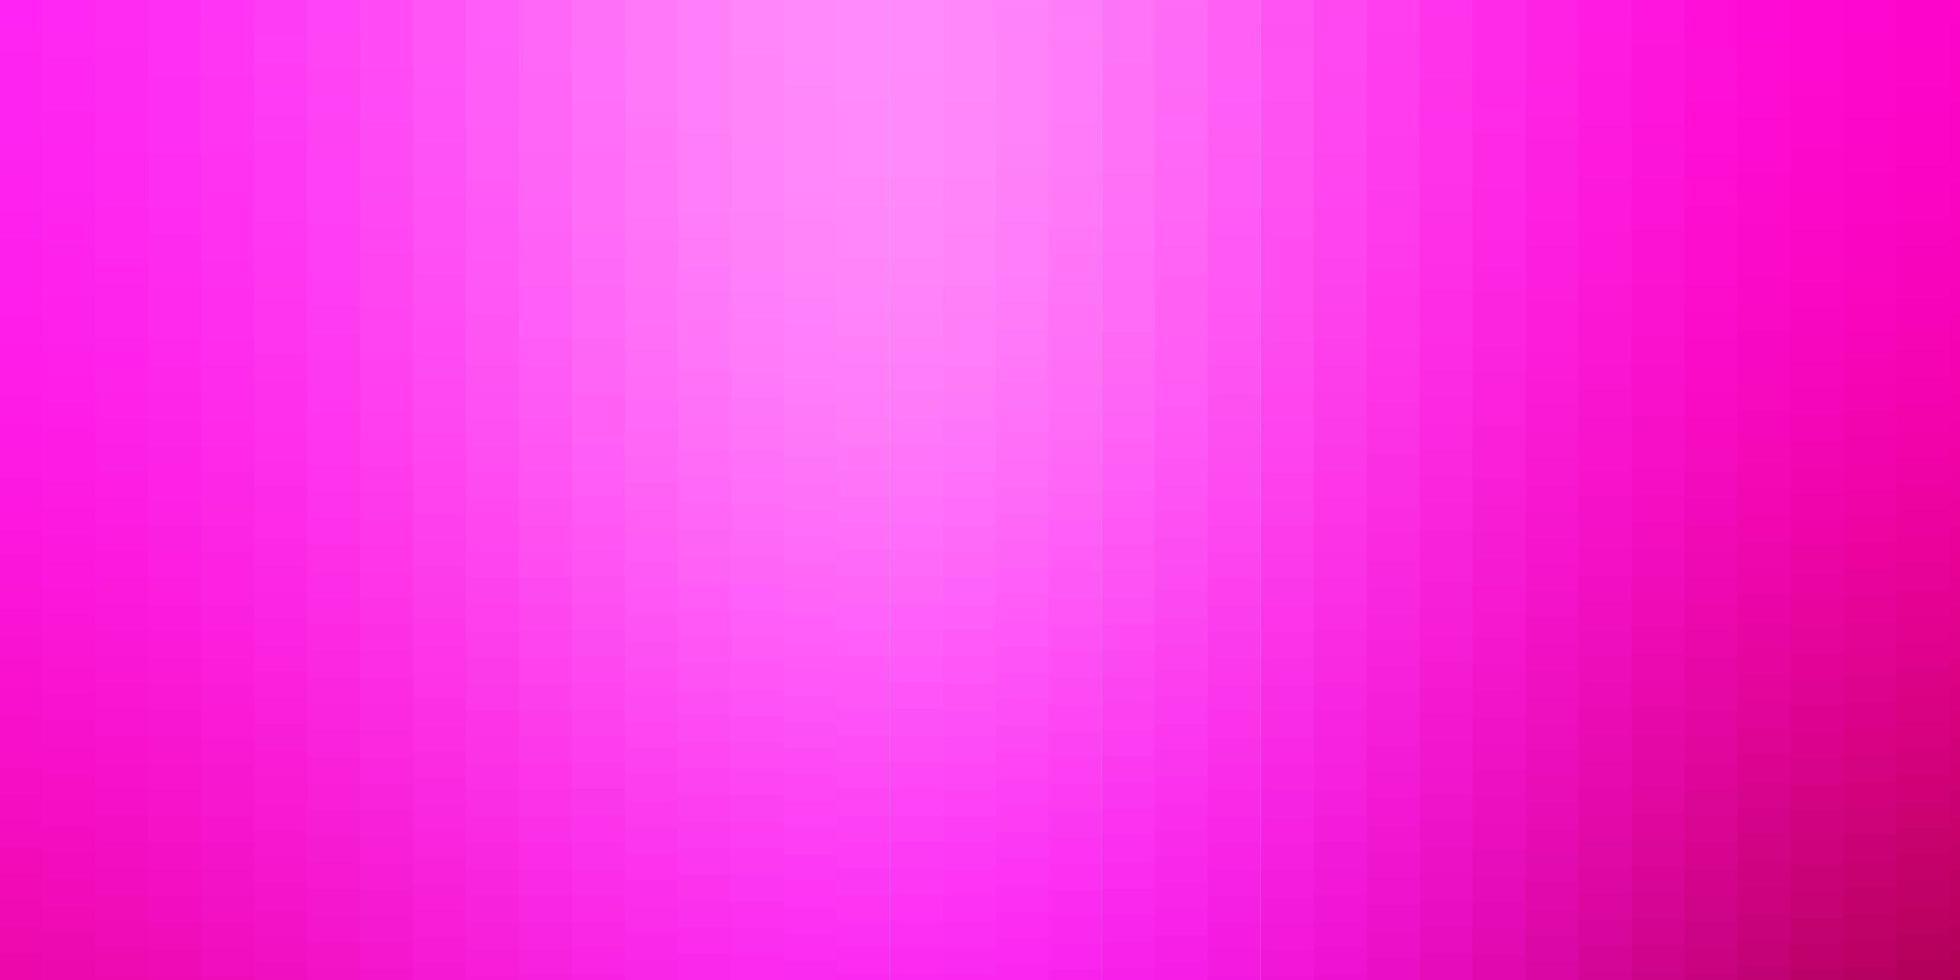 roze textuur in rechthoekige stijl. vector